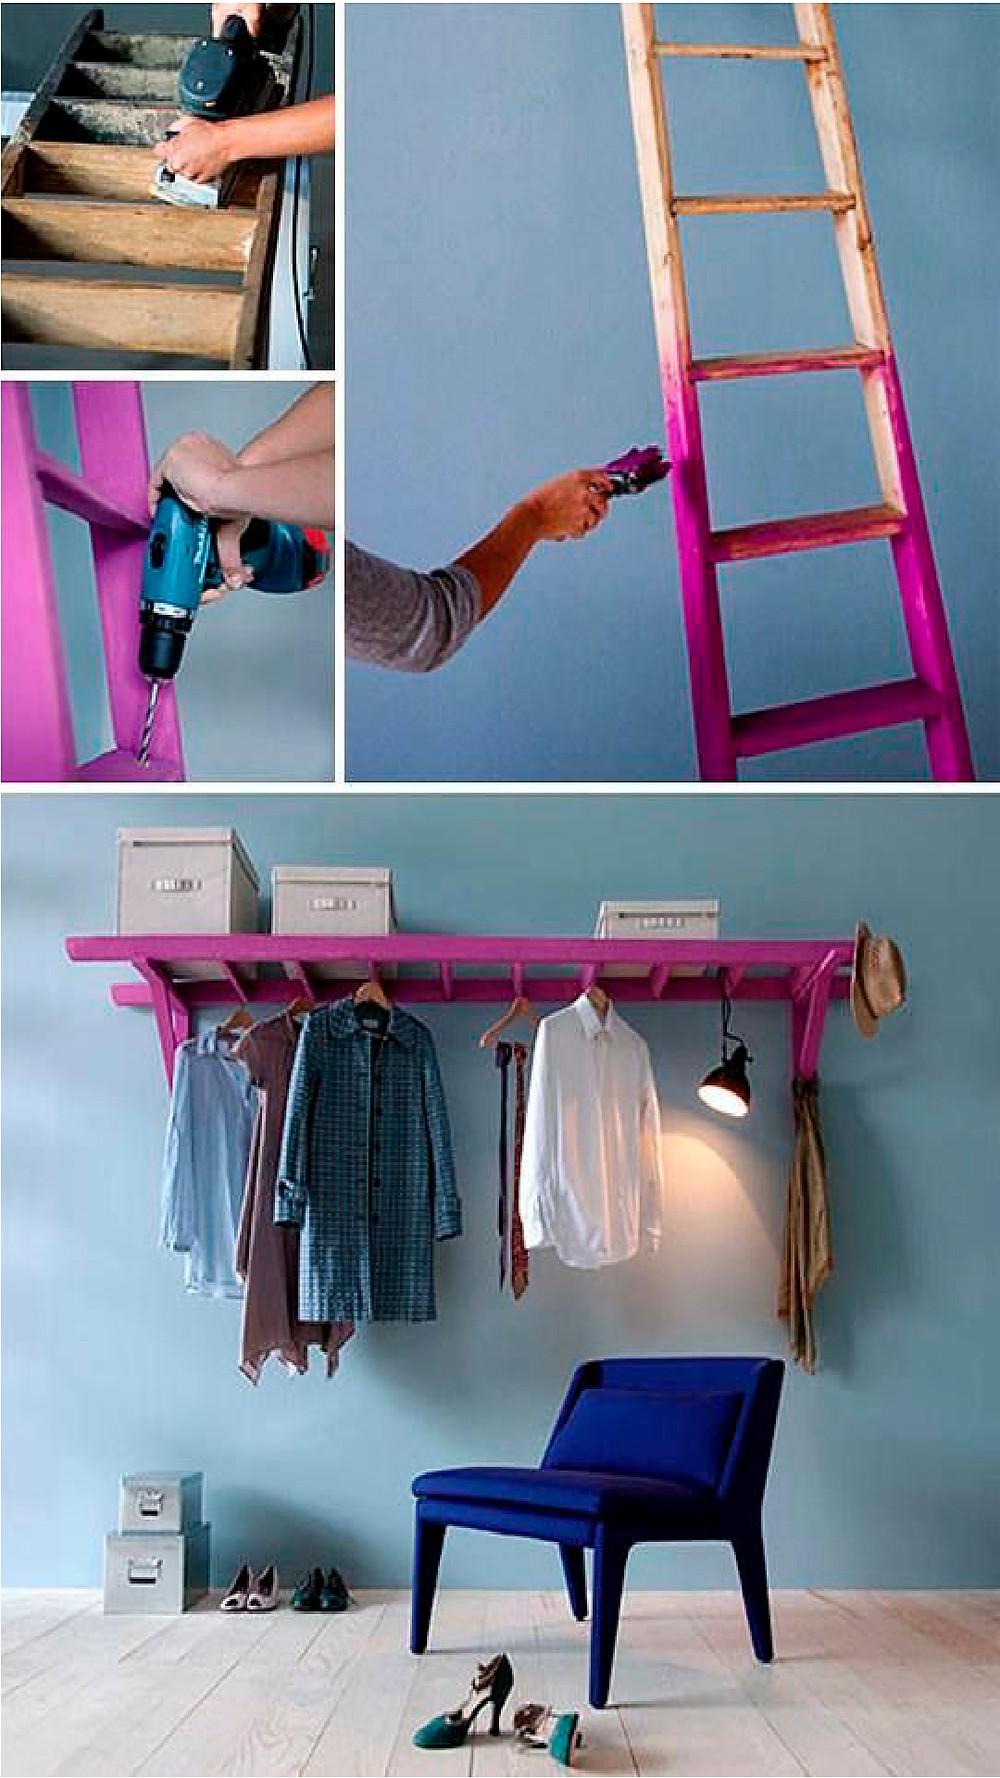 Escada antiga servindo como arara para roupas e acessórios.